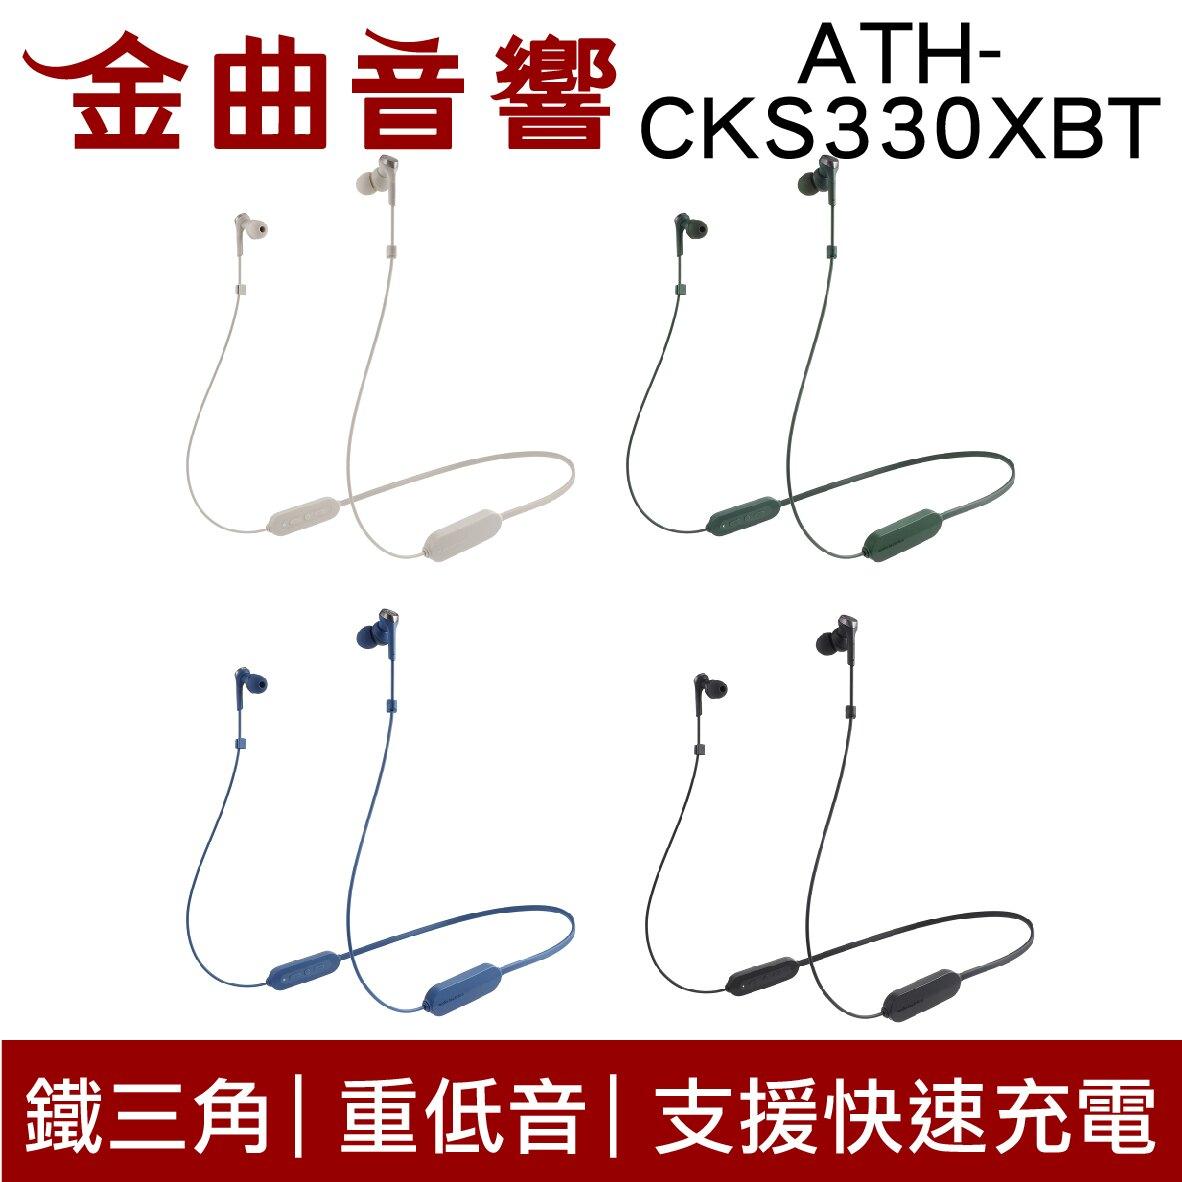 鐵三角 ATH-CKS330XBT 綠 低延遲 無線 藍芽 耳道式耳機 | 金曲音響